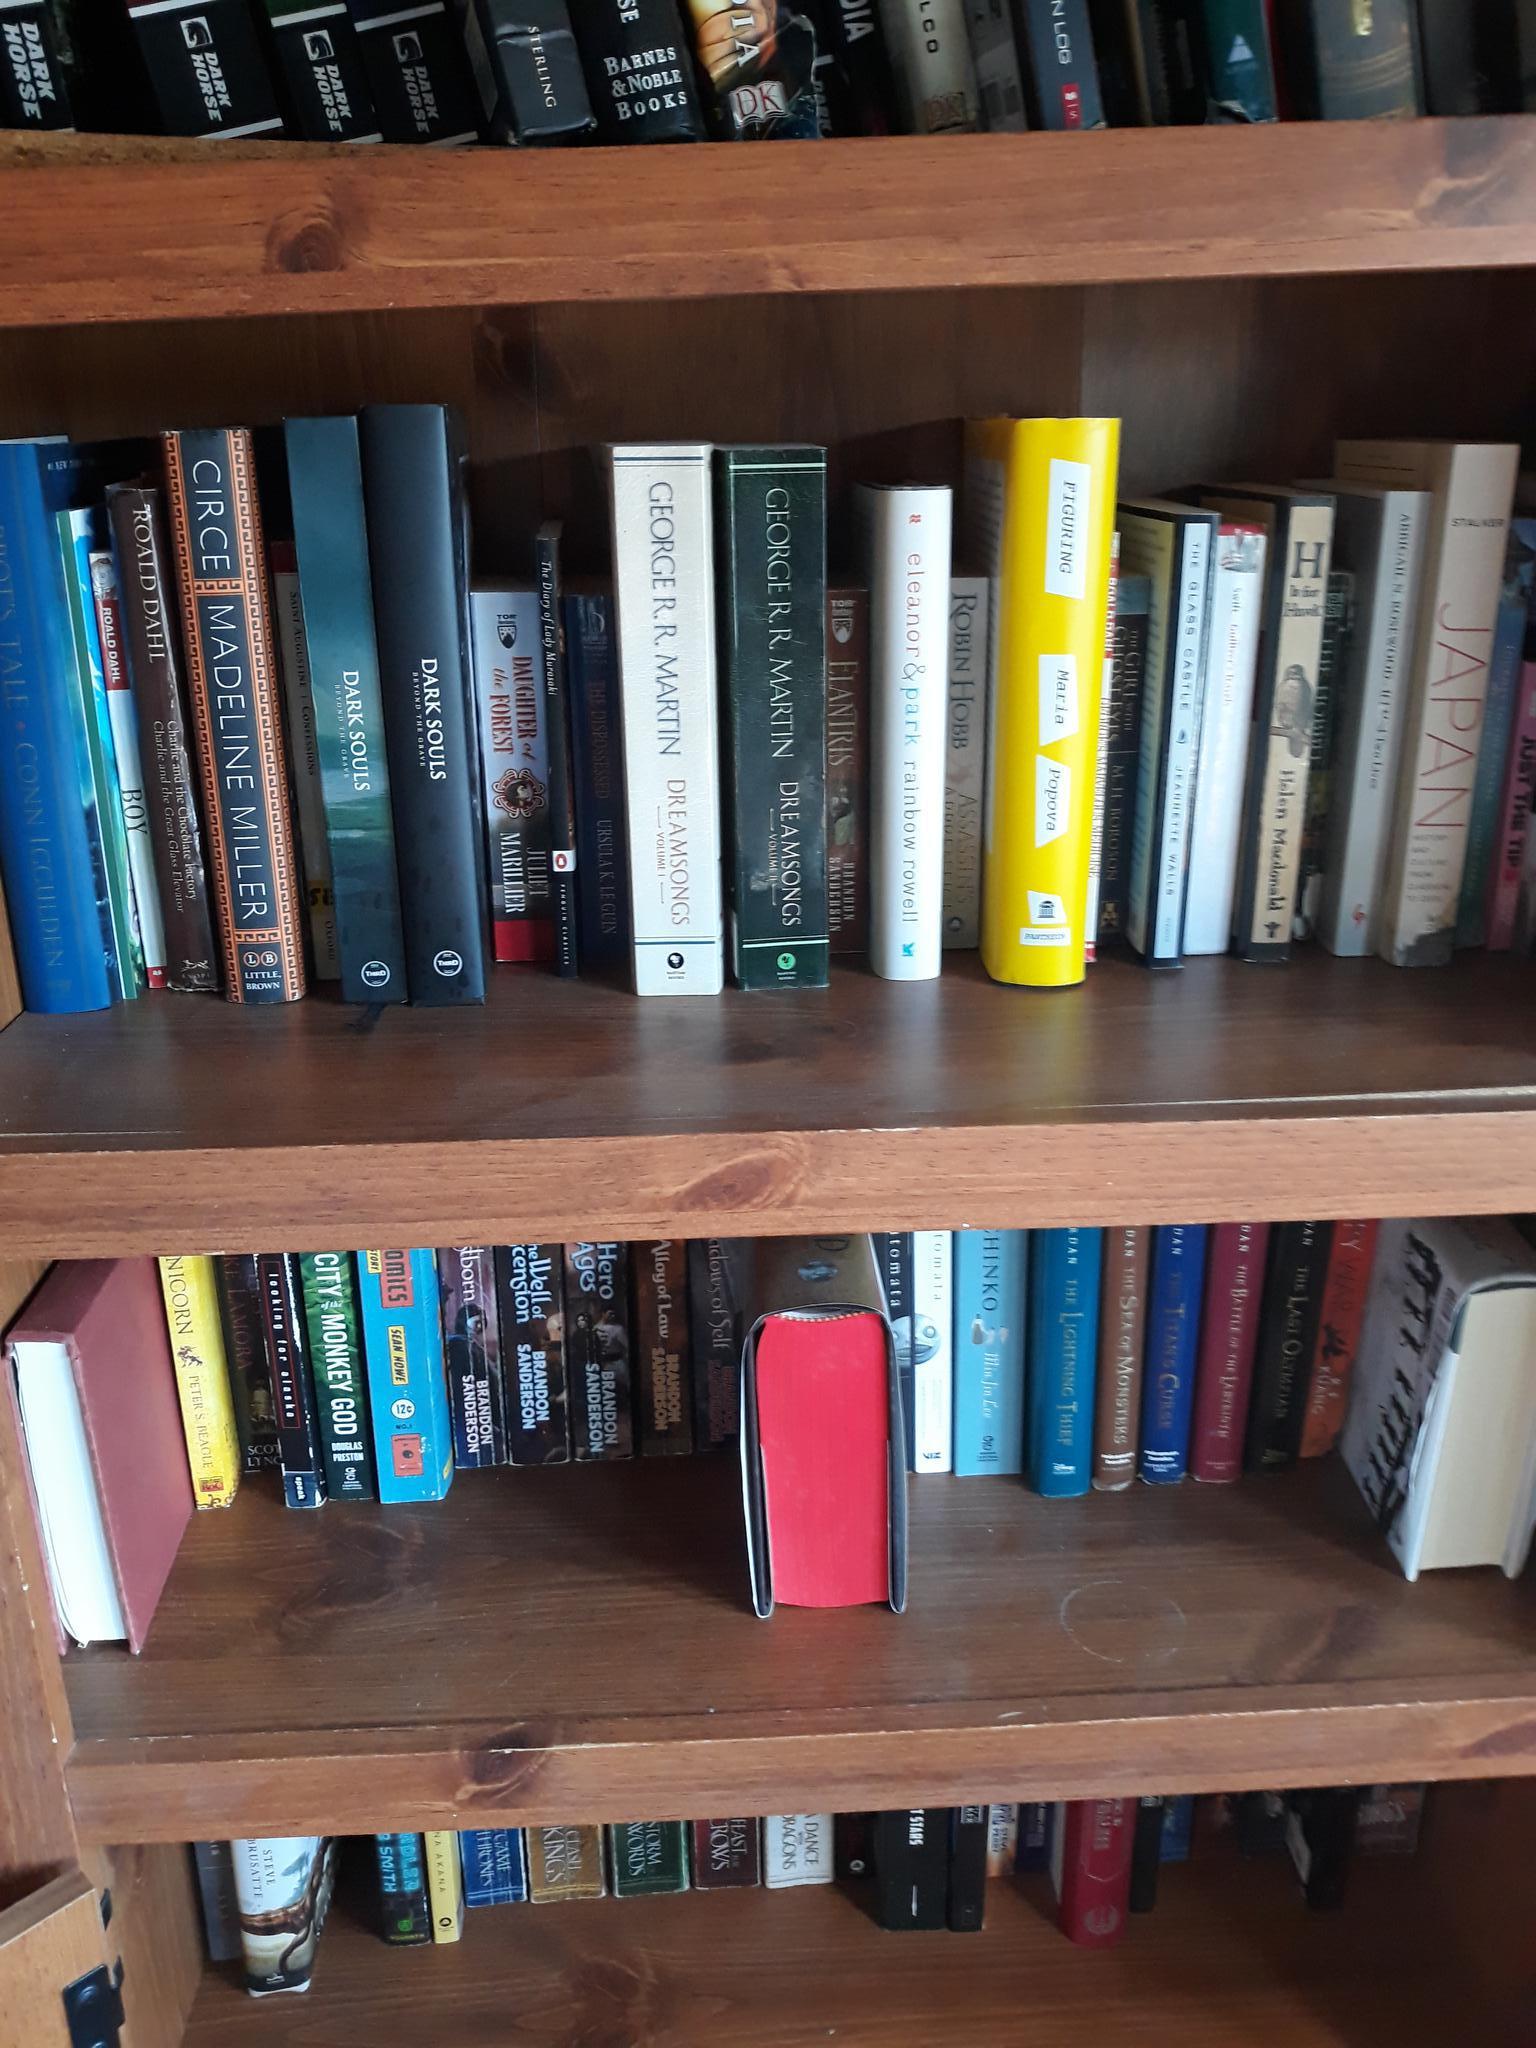 Benny Regalbuto's bookshelf